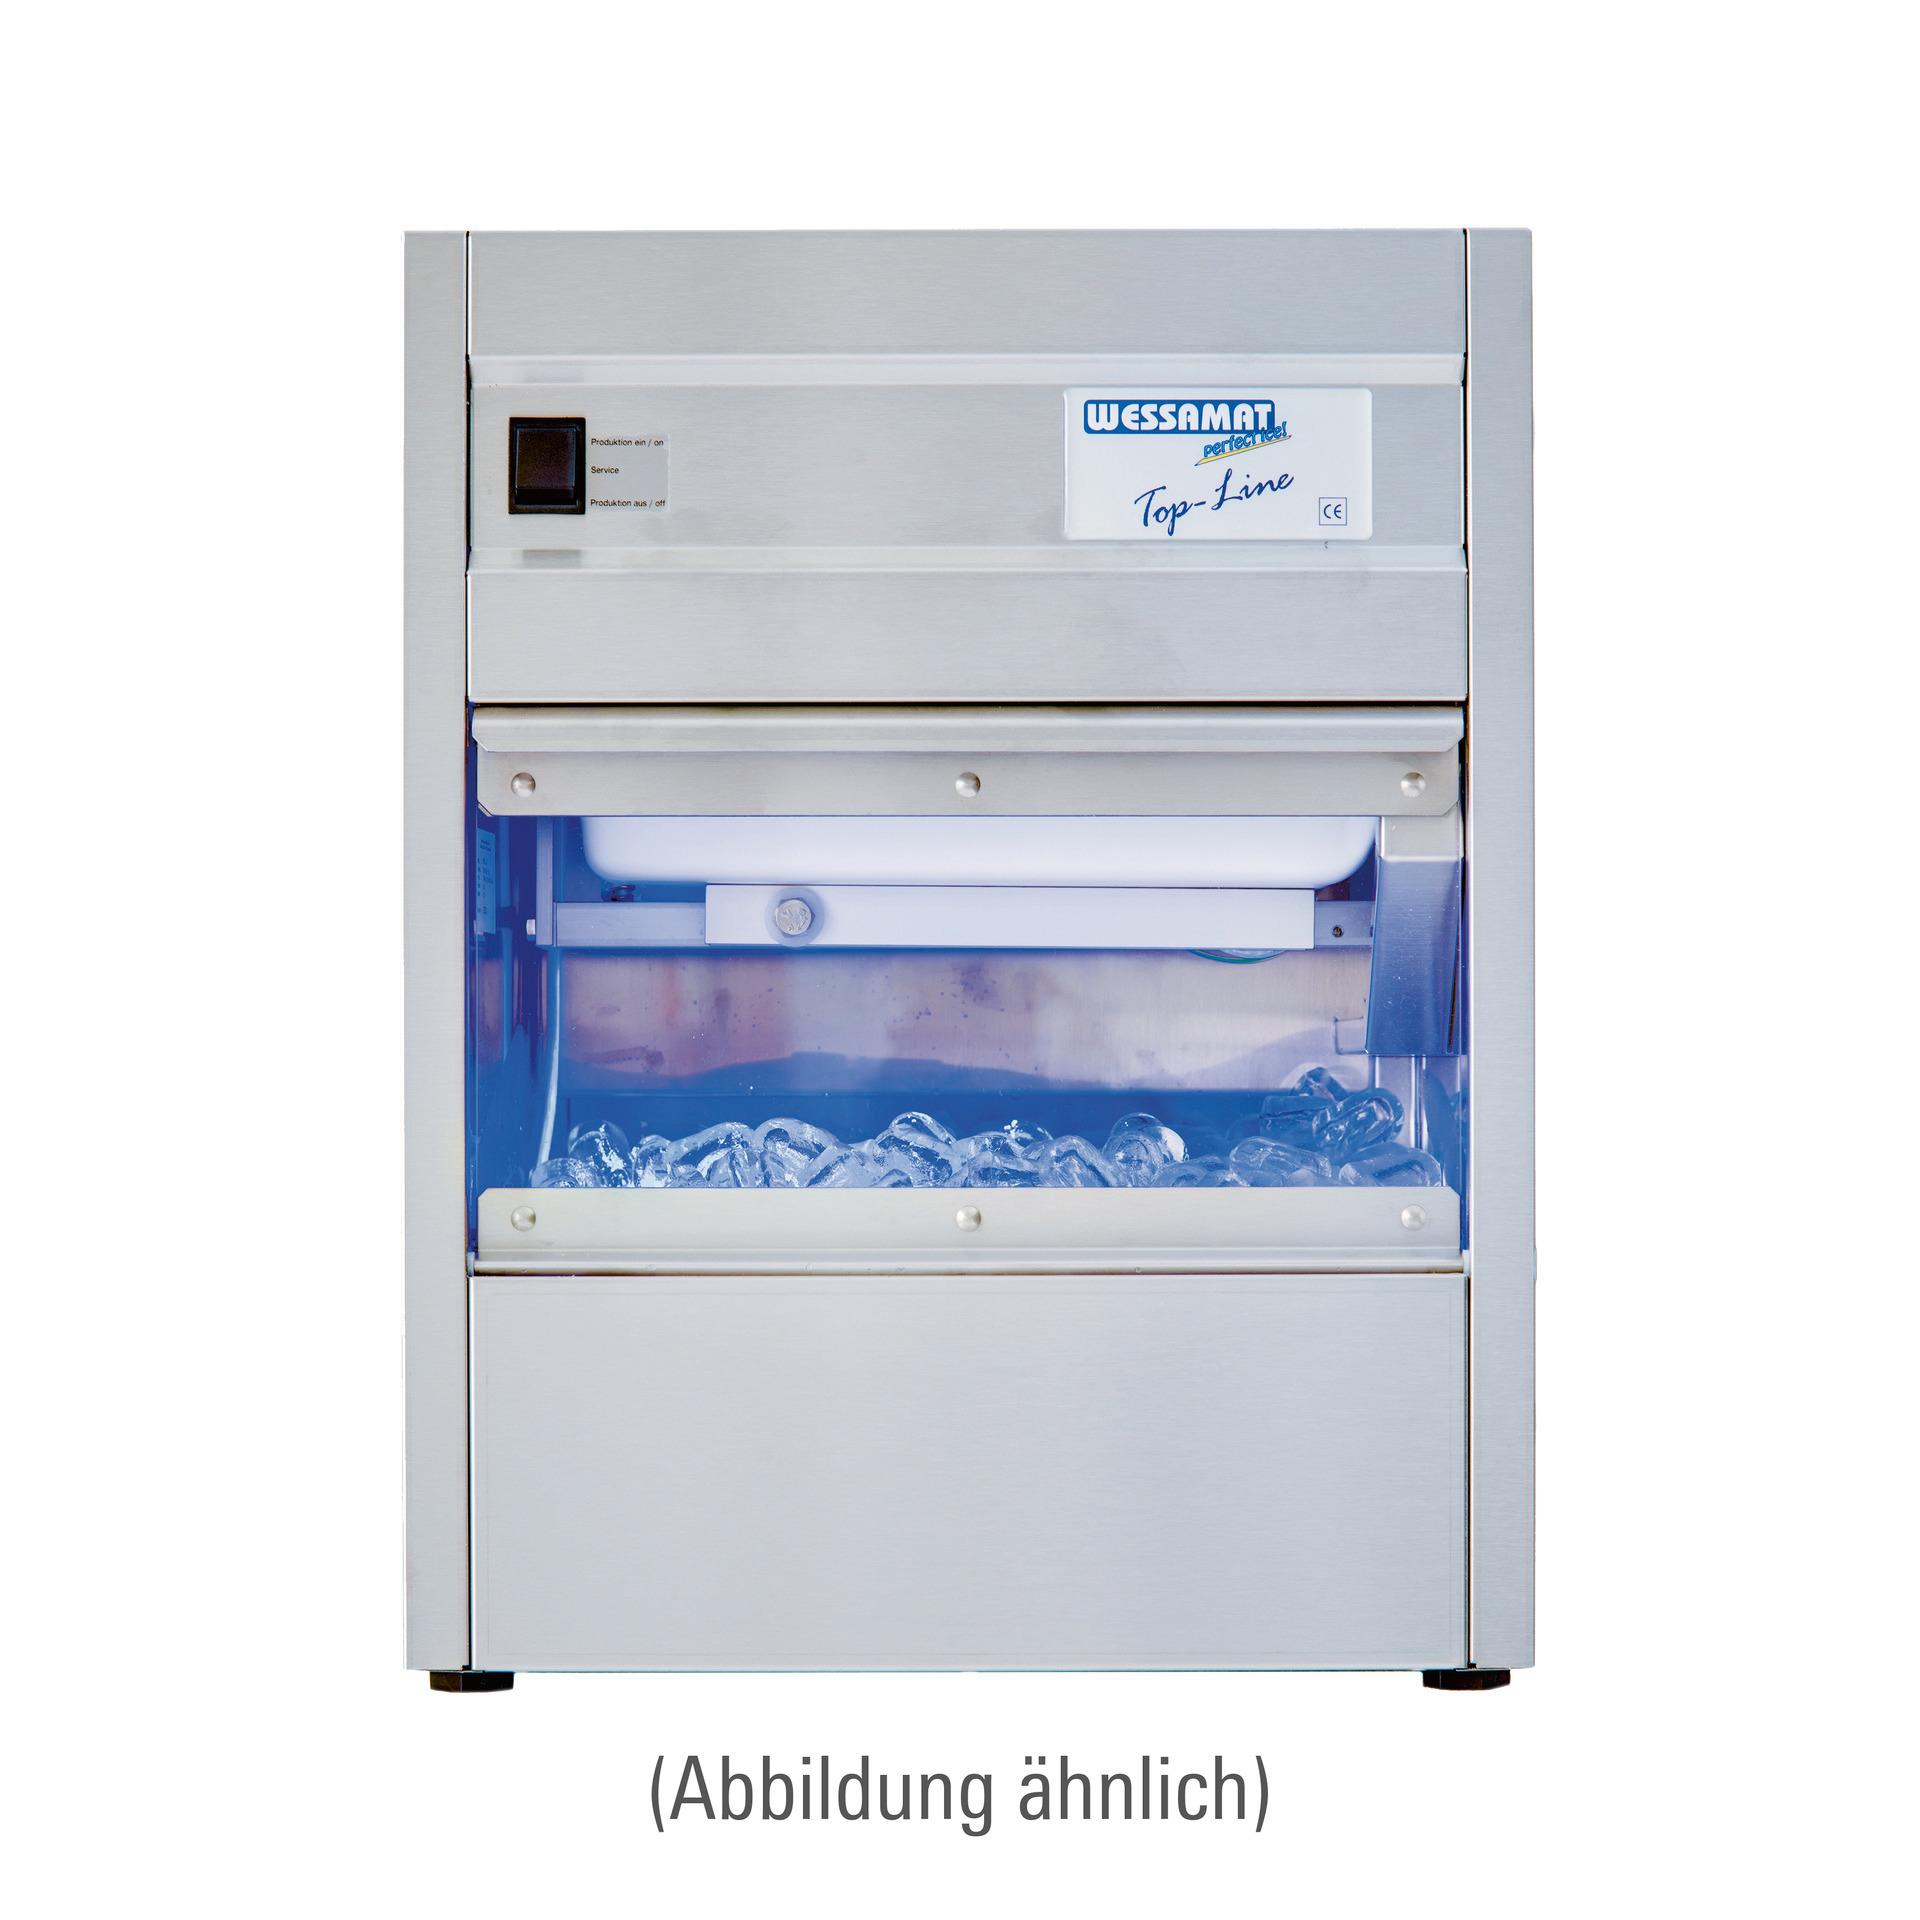 Eiswürfelbereiter W 51 L / 55,00 kg/24 h / 29,00 kg Vorrat / Luftkühlung